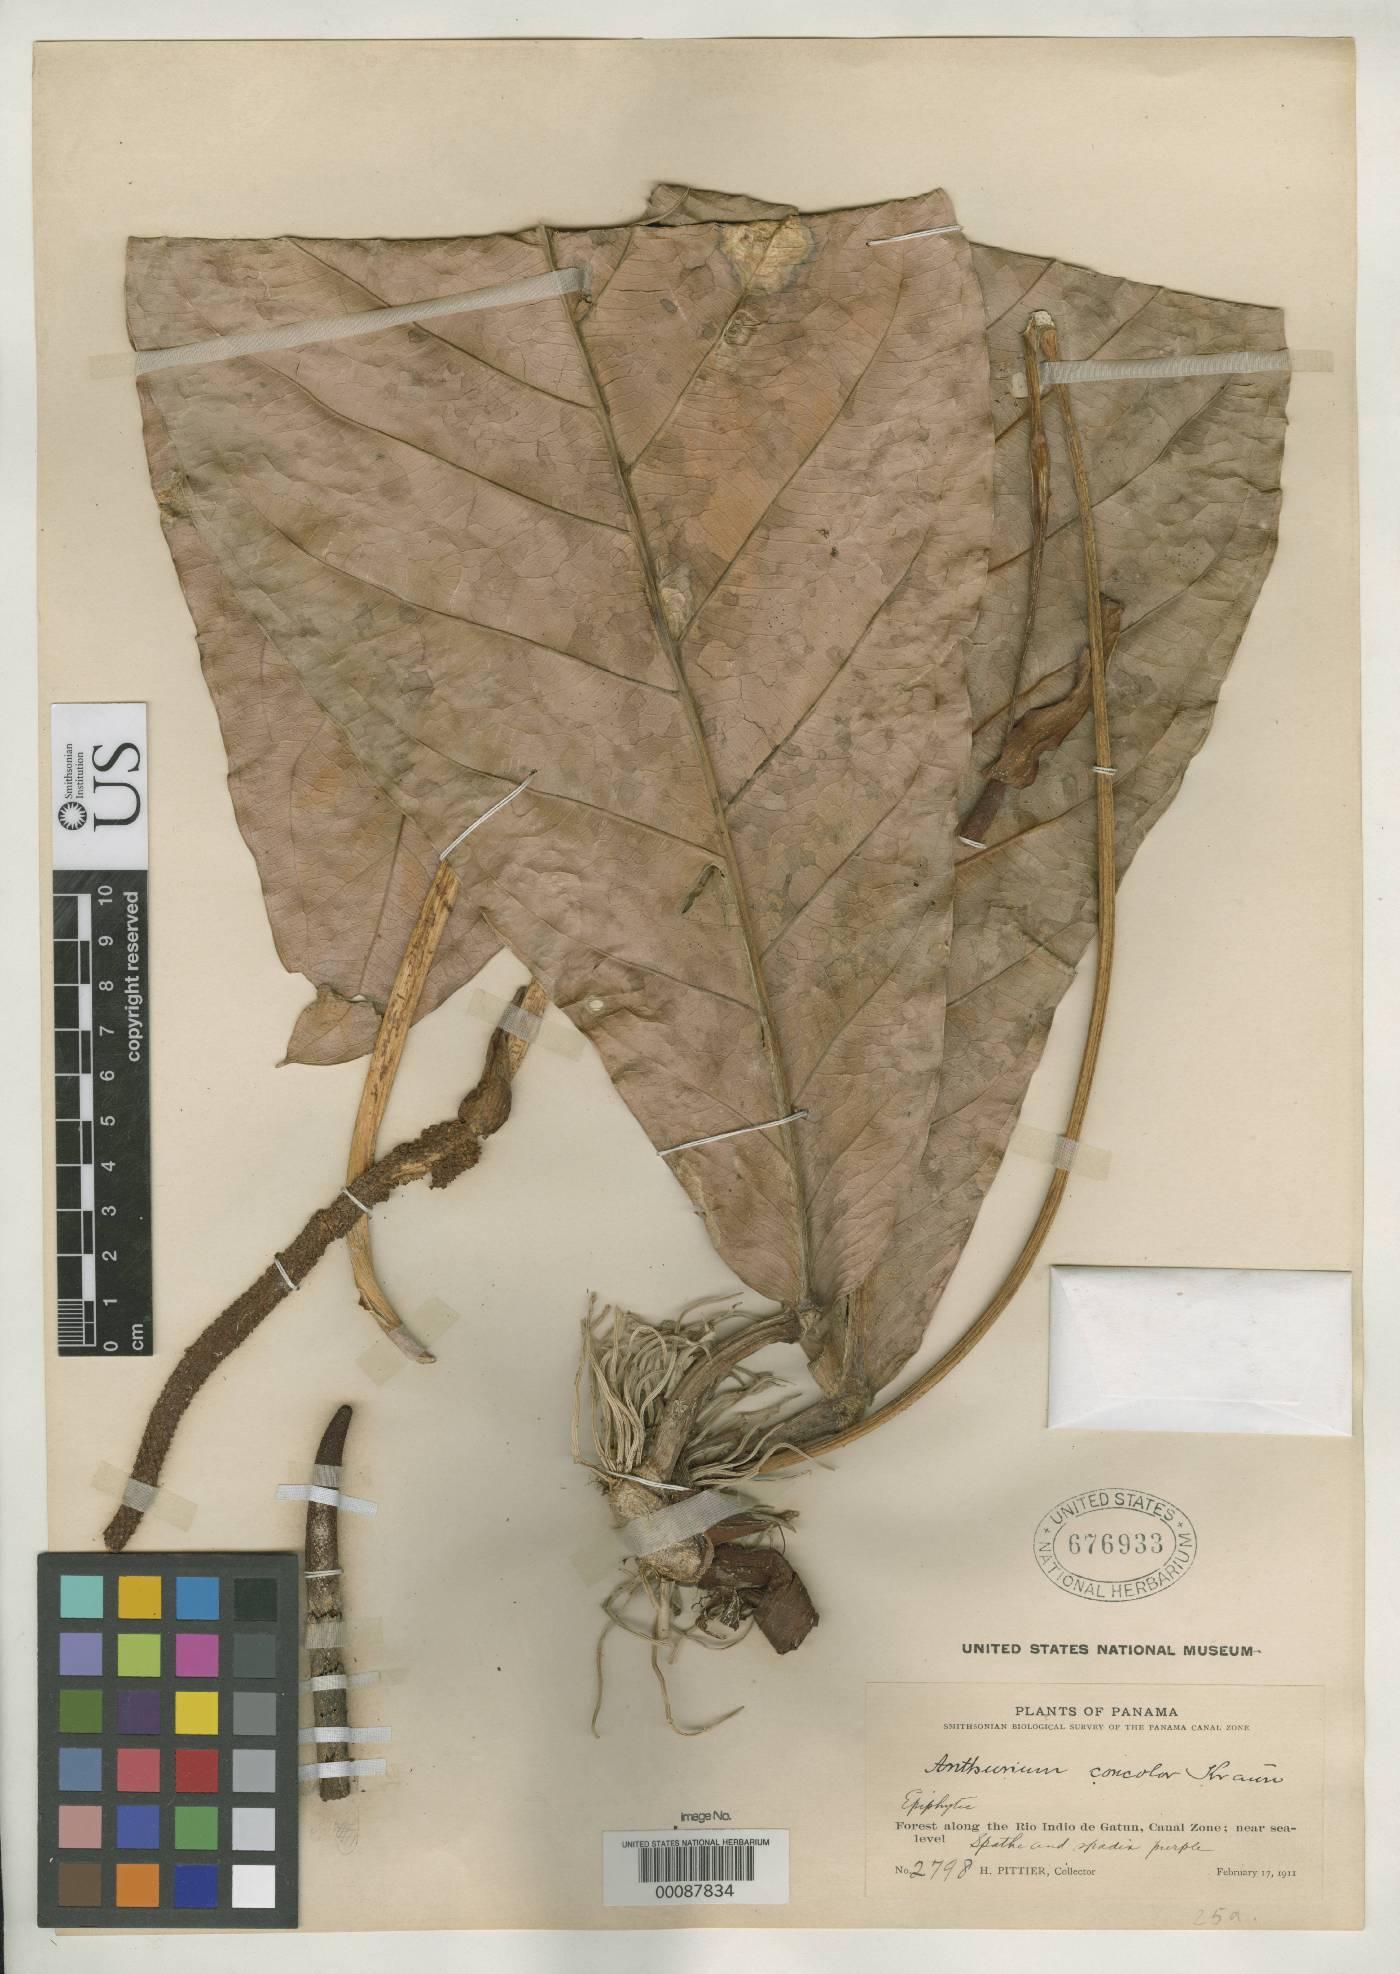 Anthurium concolor image